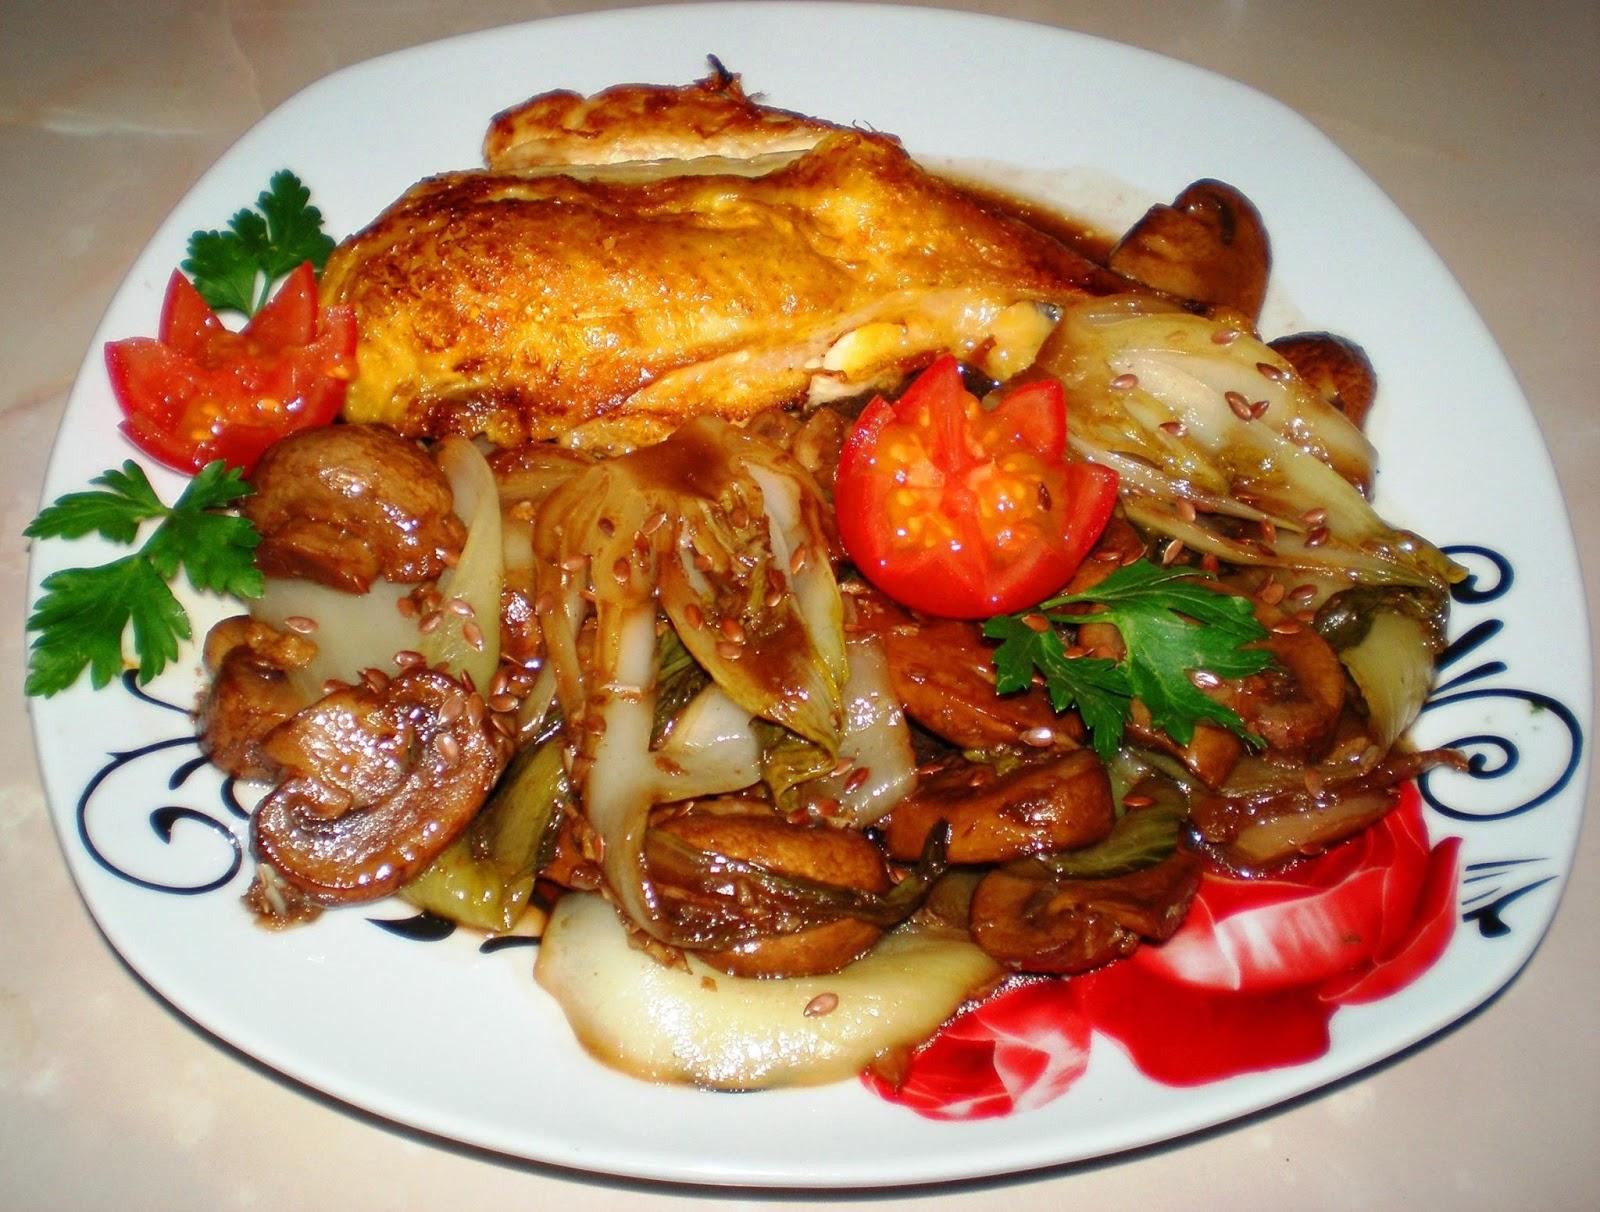 Piept de pui, ciupercuțe cu Pak Choi, usturoi și oțet balsamic